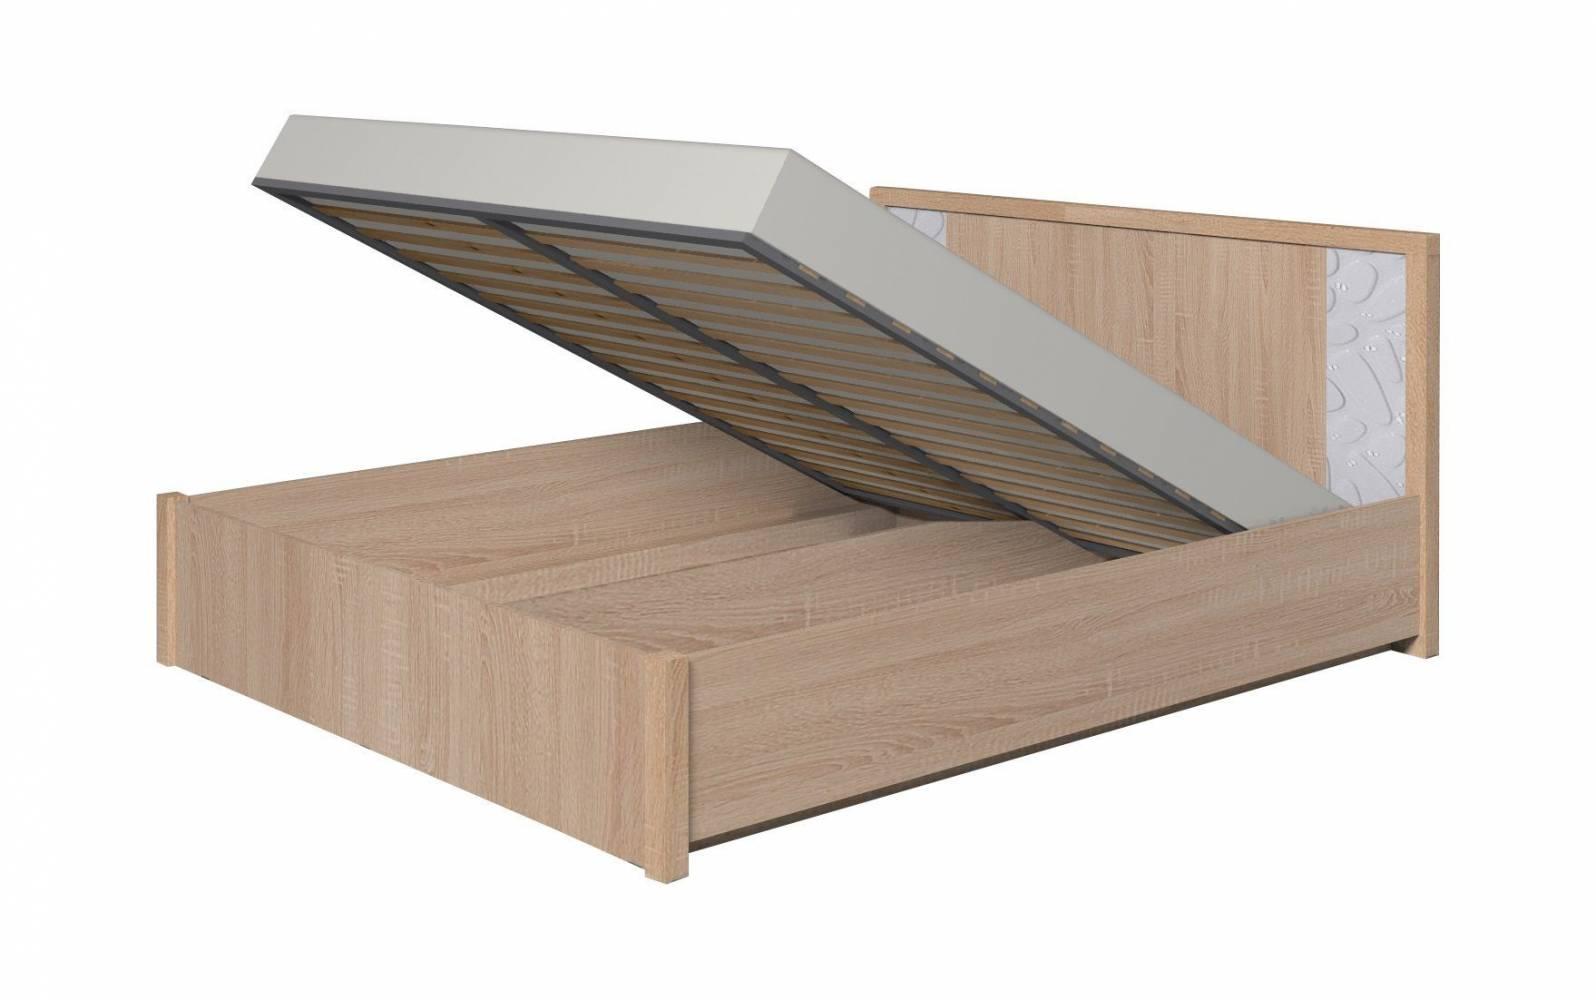 WYSPAA 22.2 Кровать 160 с подъемным механизмом, без матраса